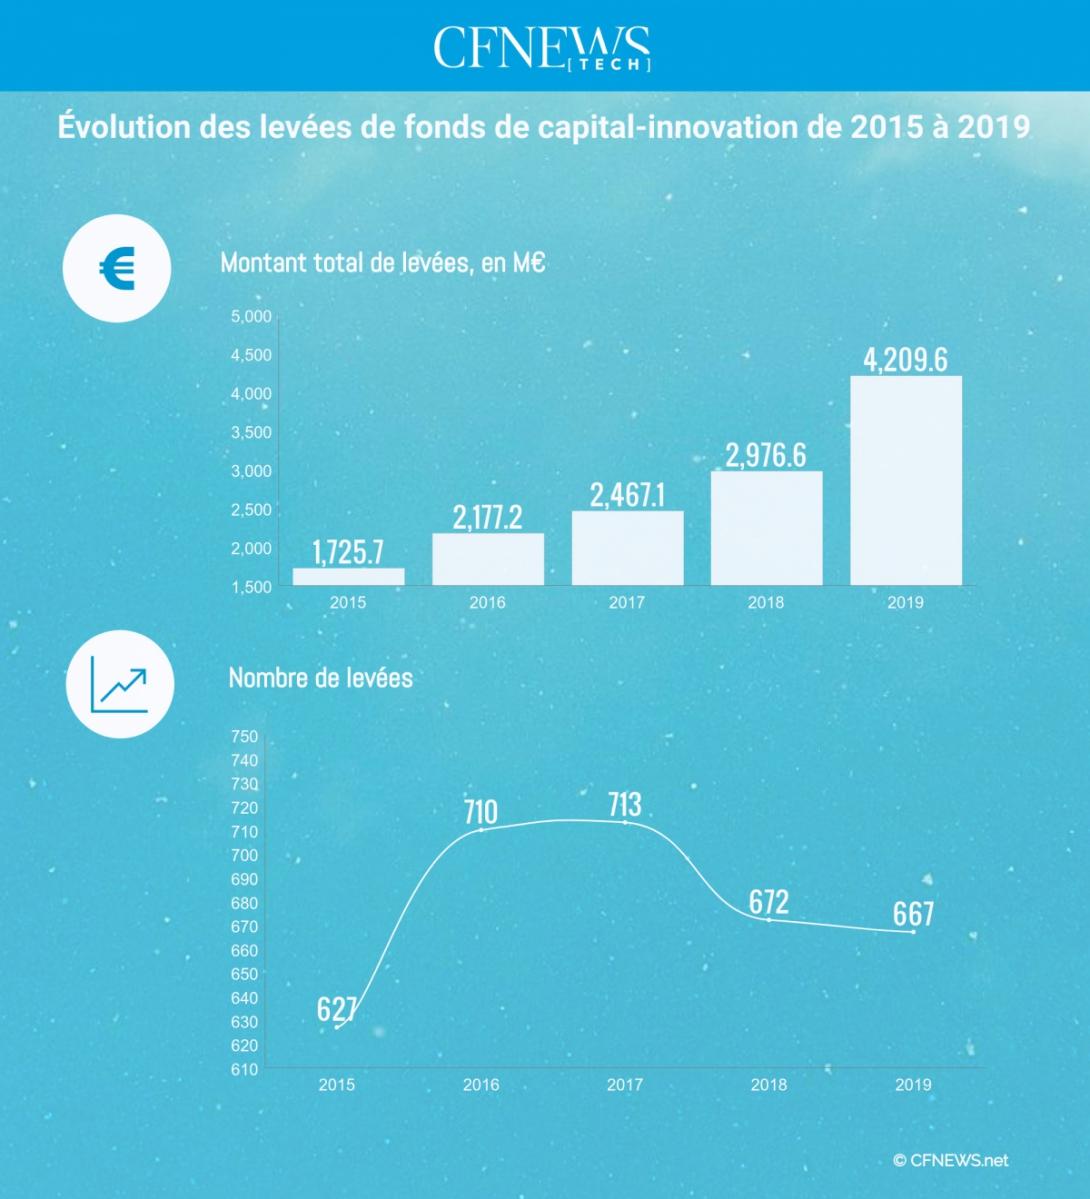 Évolution des levées de fonds de capital-innovation de 2015 à 2019 © CFNEWS.net